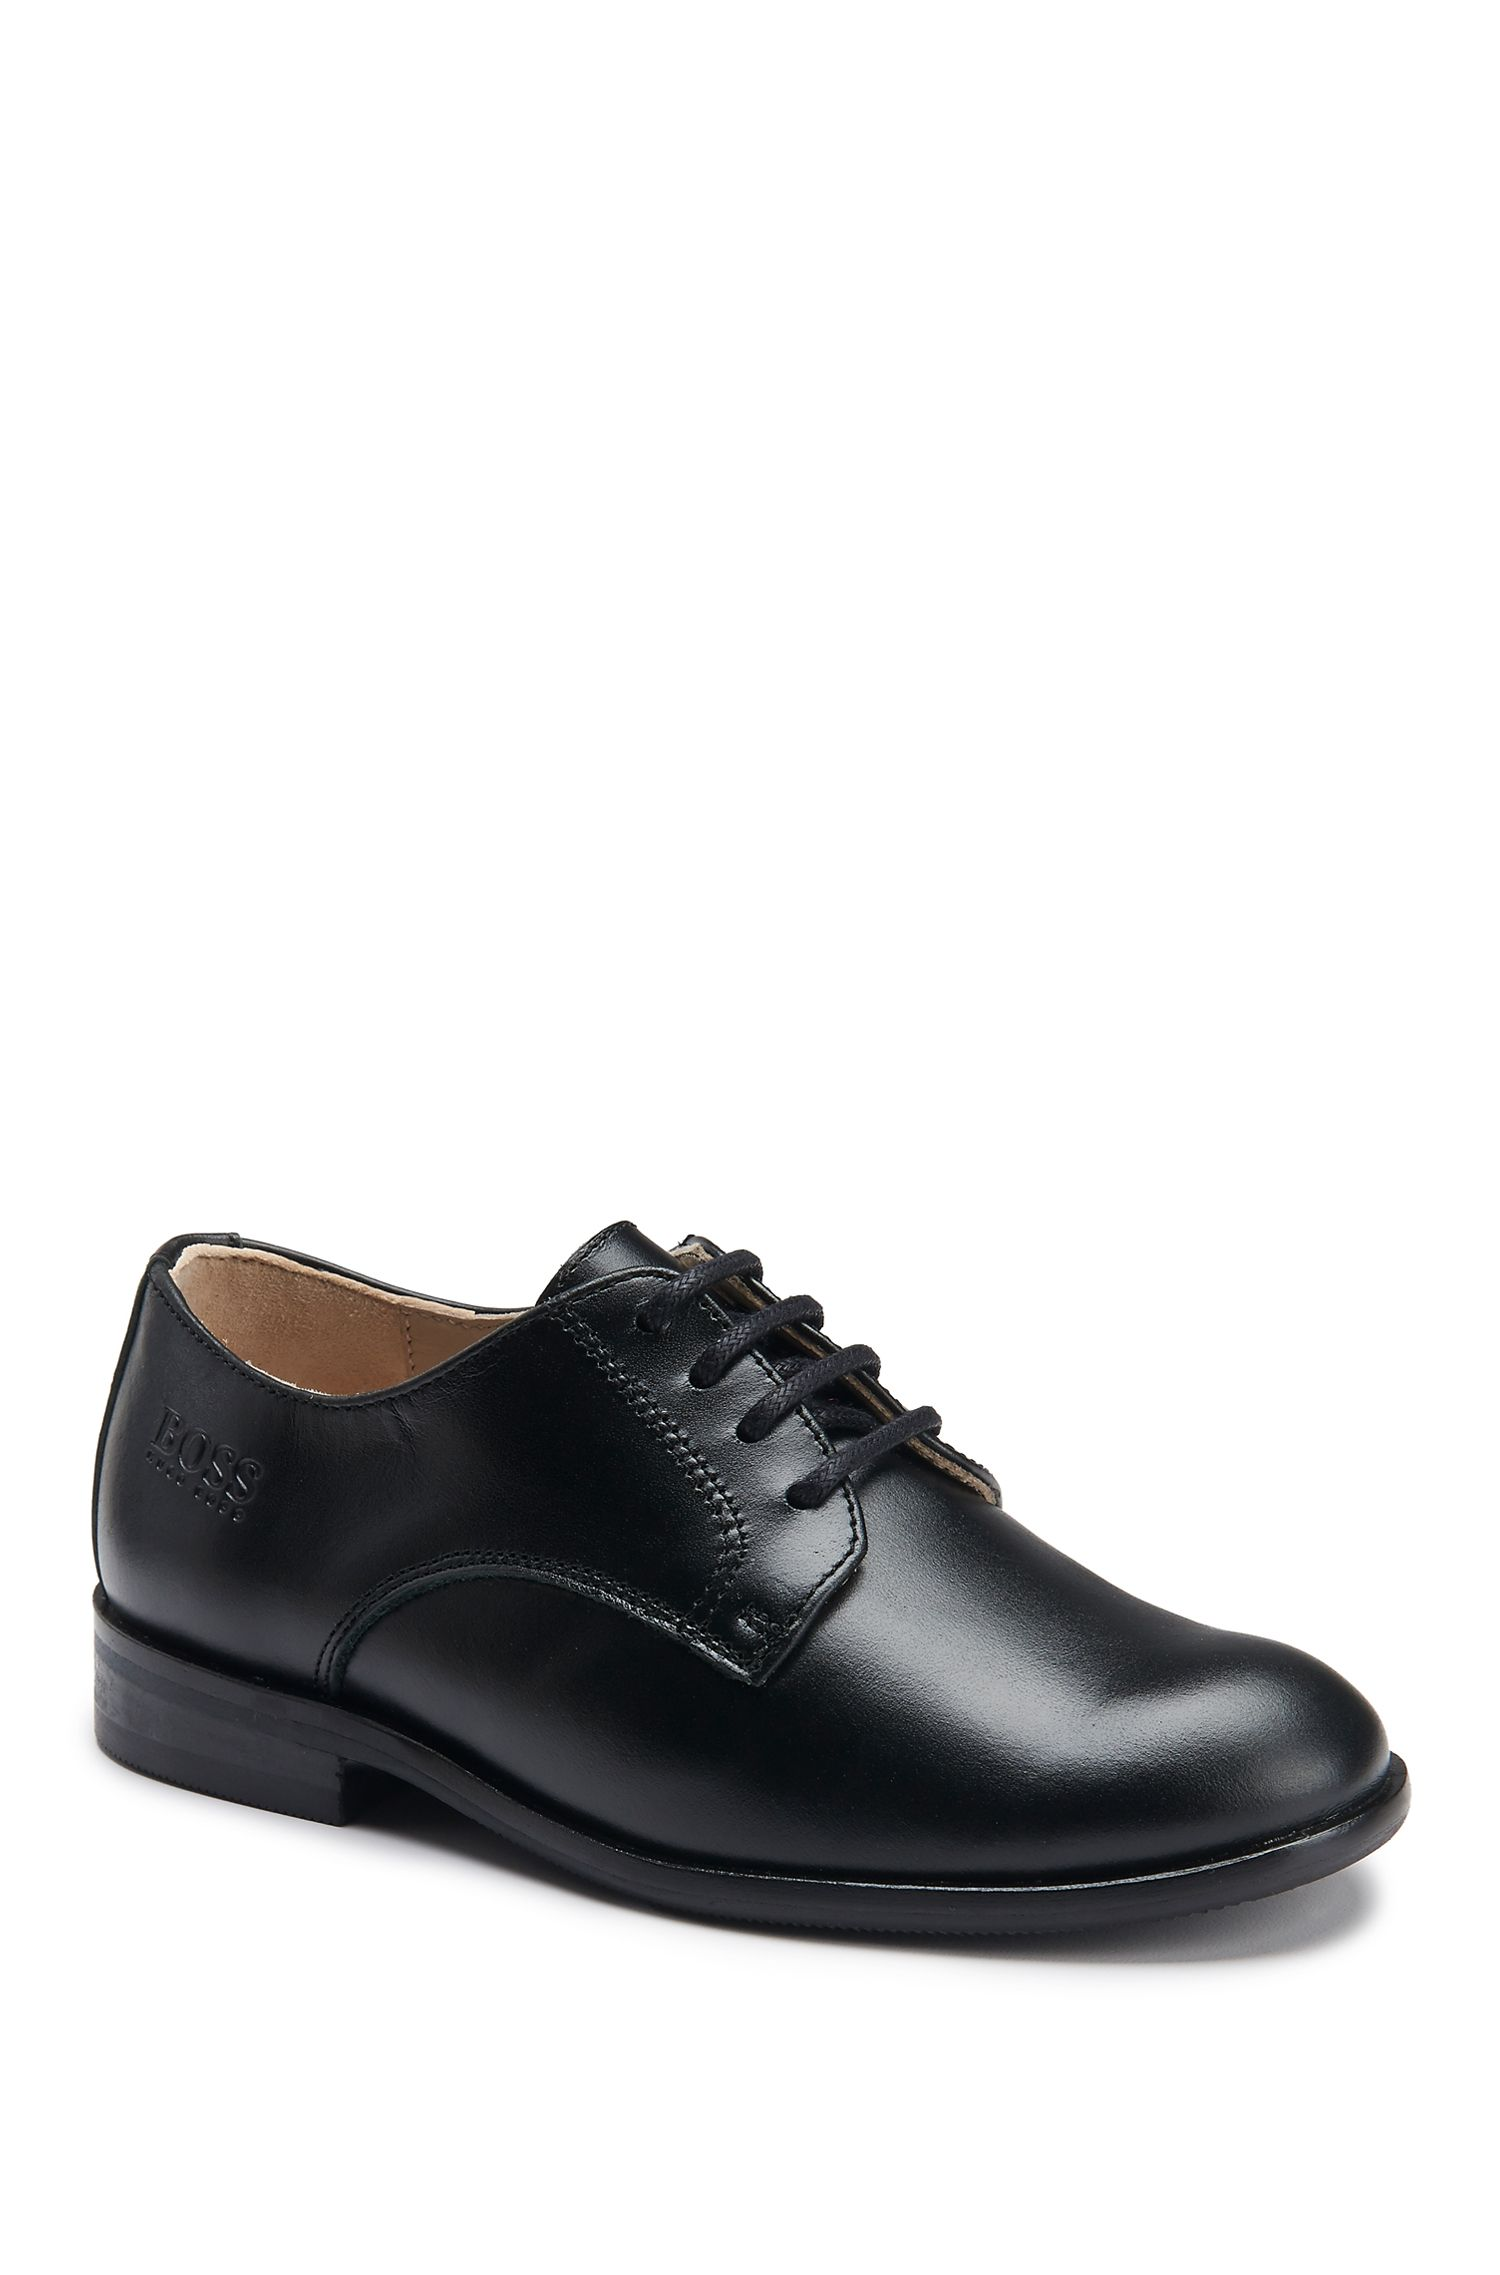 Kids' Leather Derby Shoe | J29V15